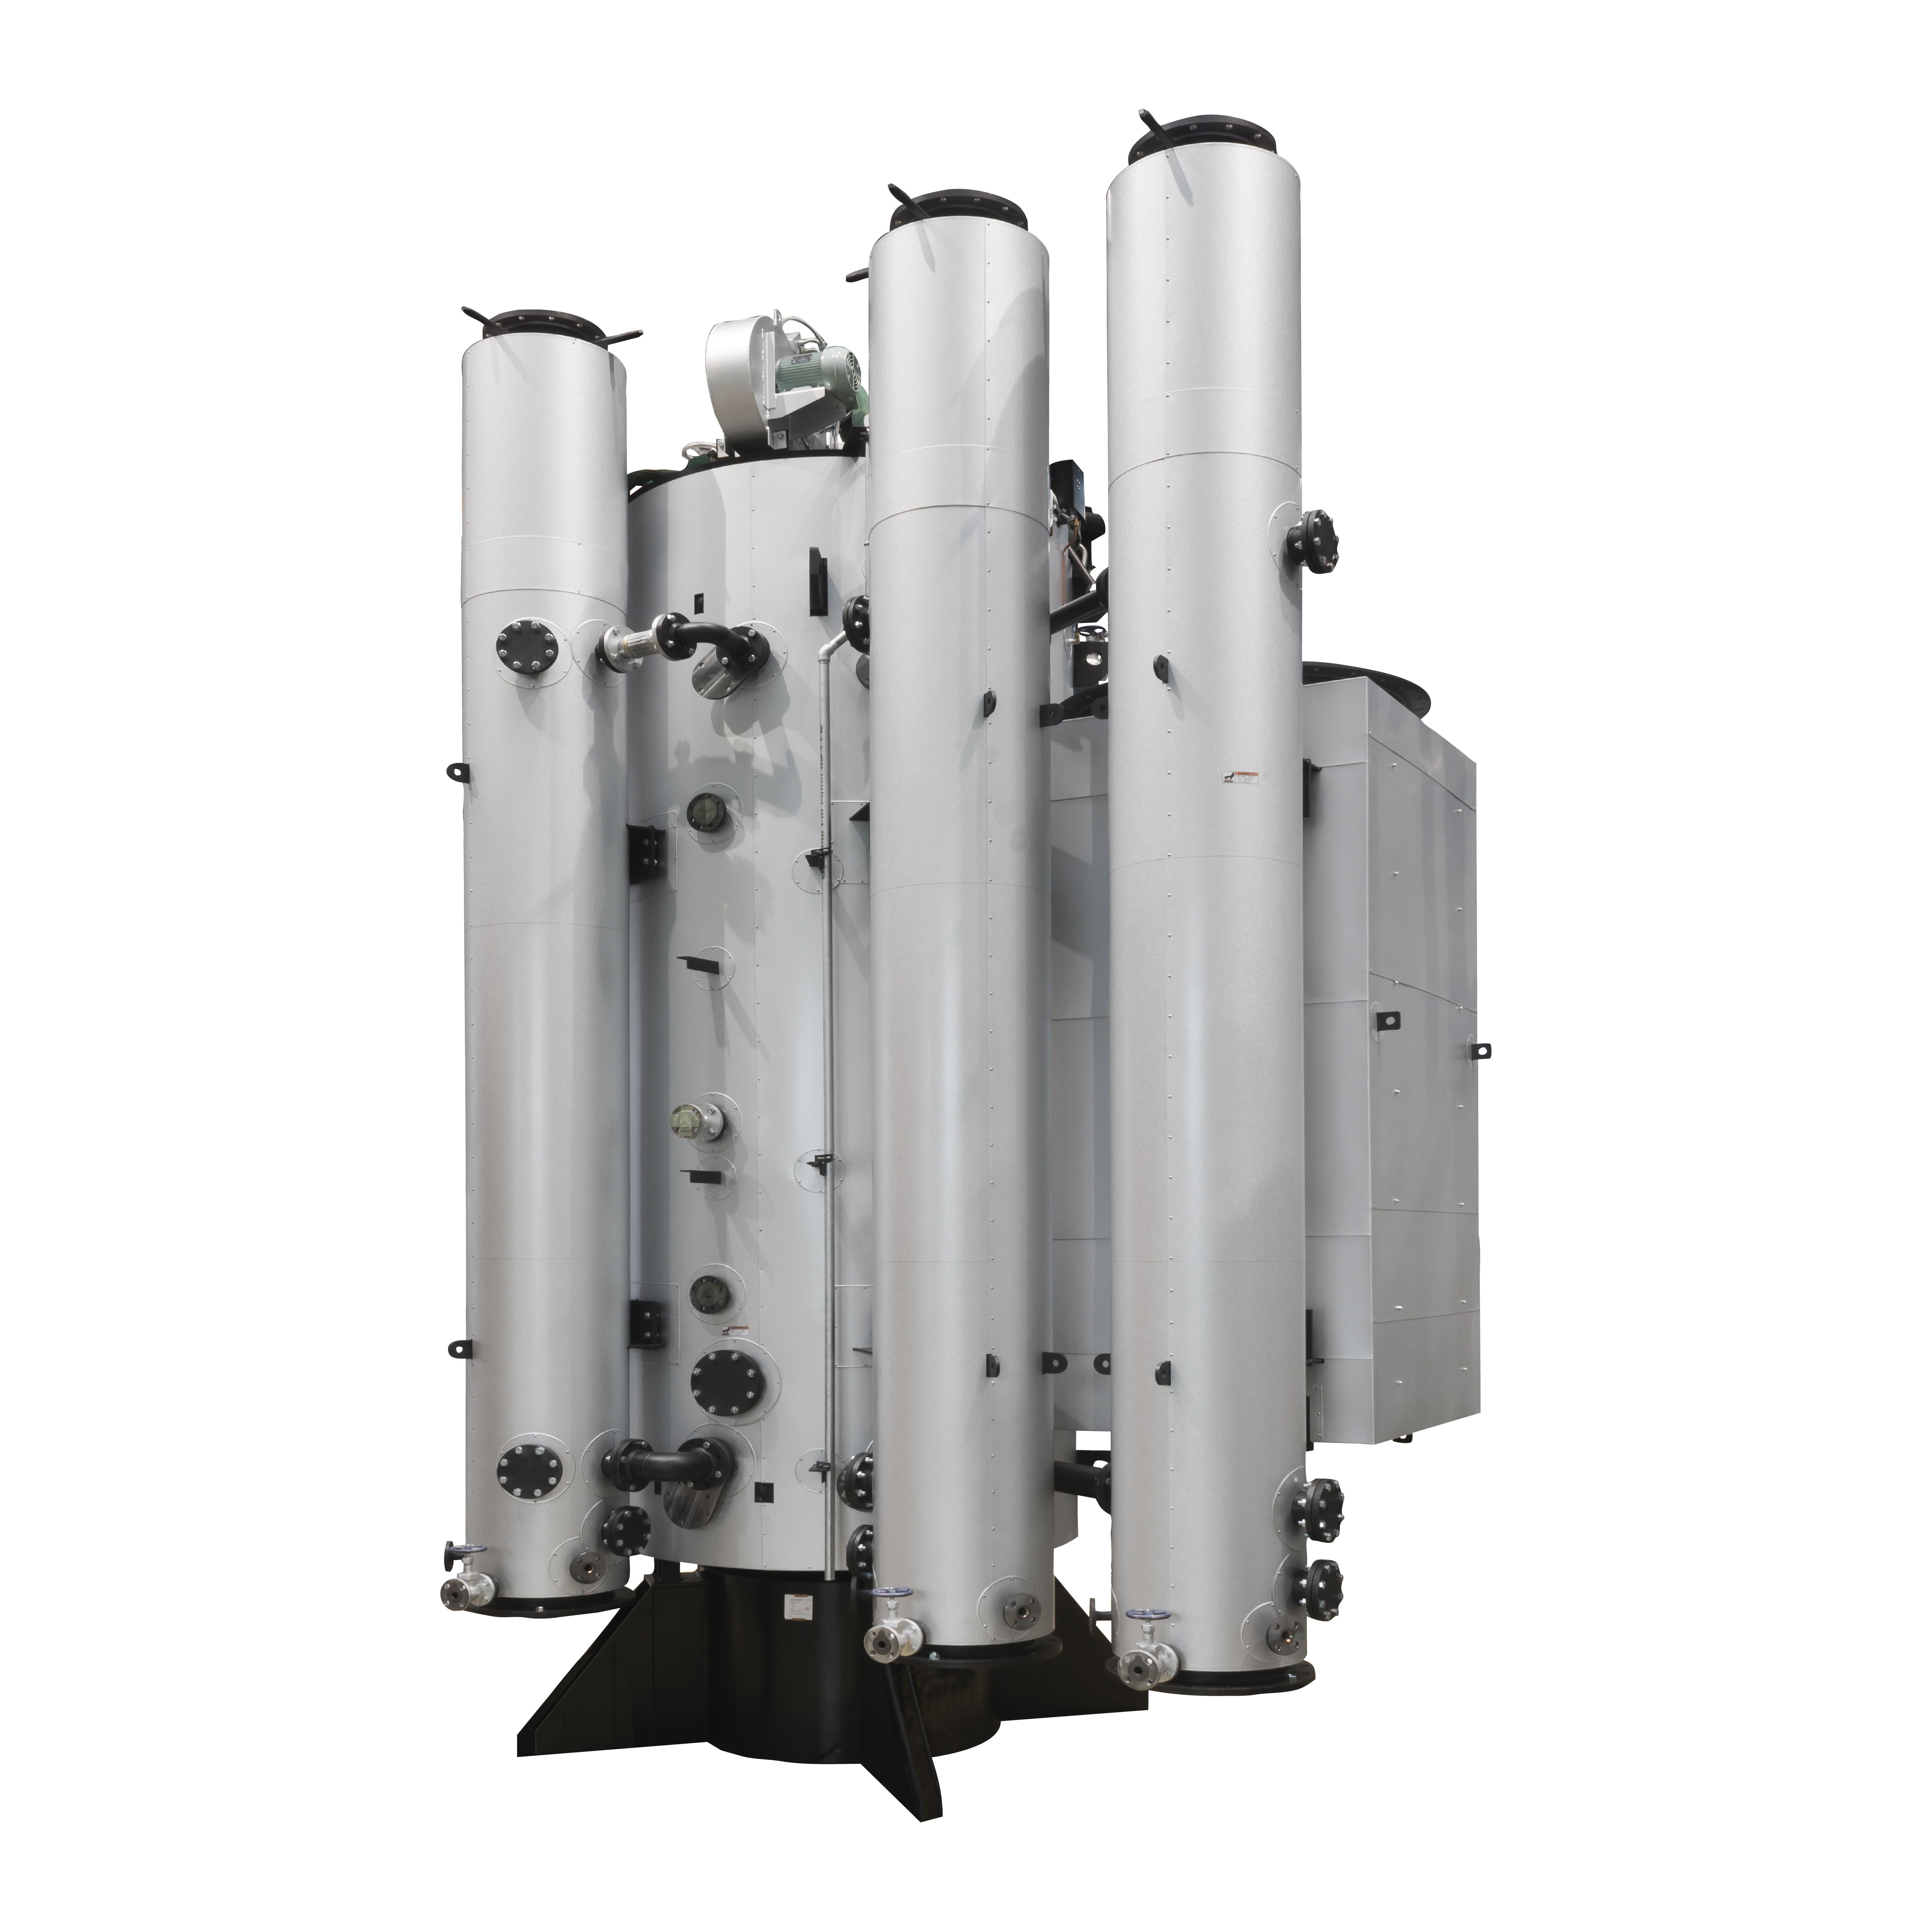 補機熱回収ユニットの本体外観